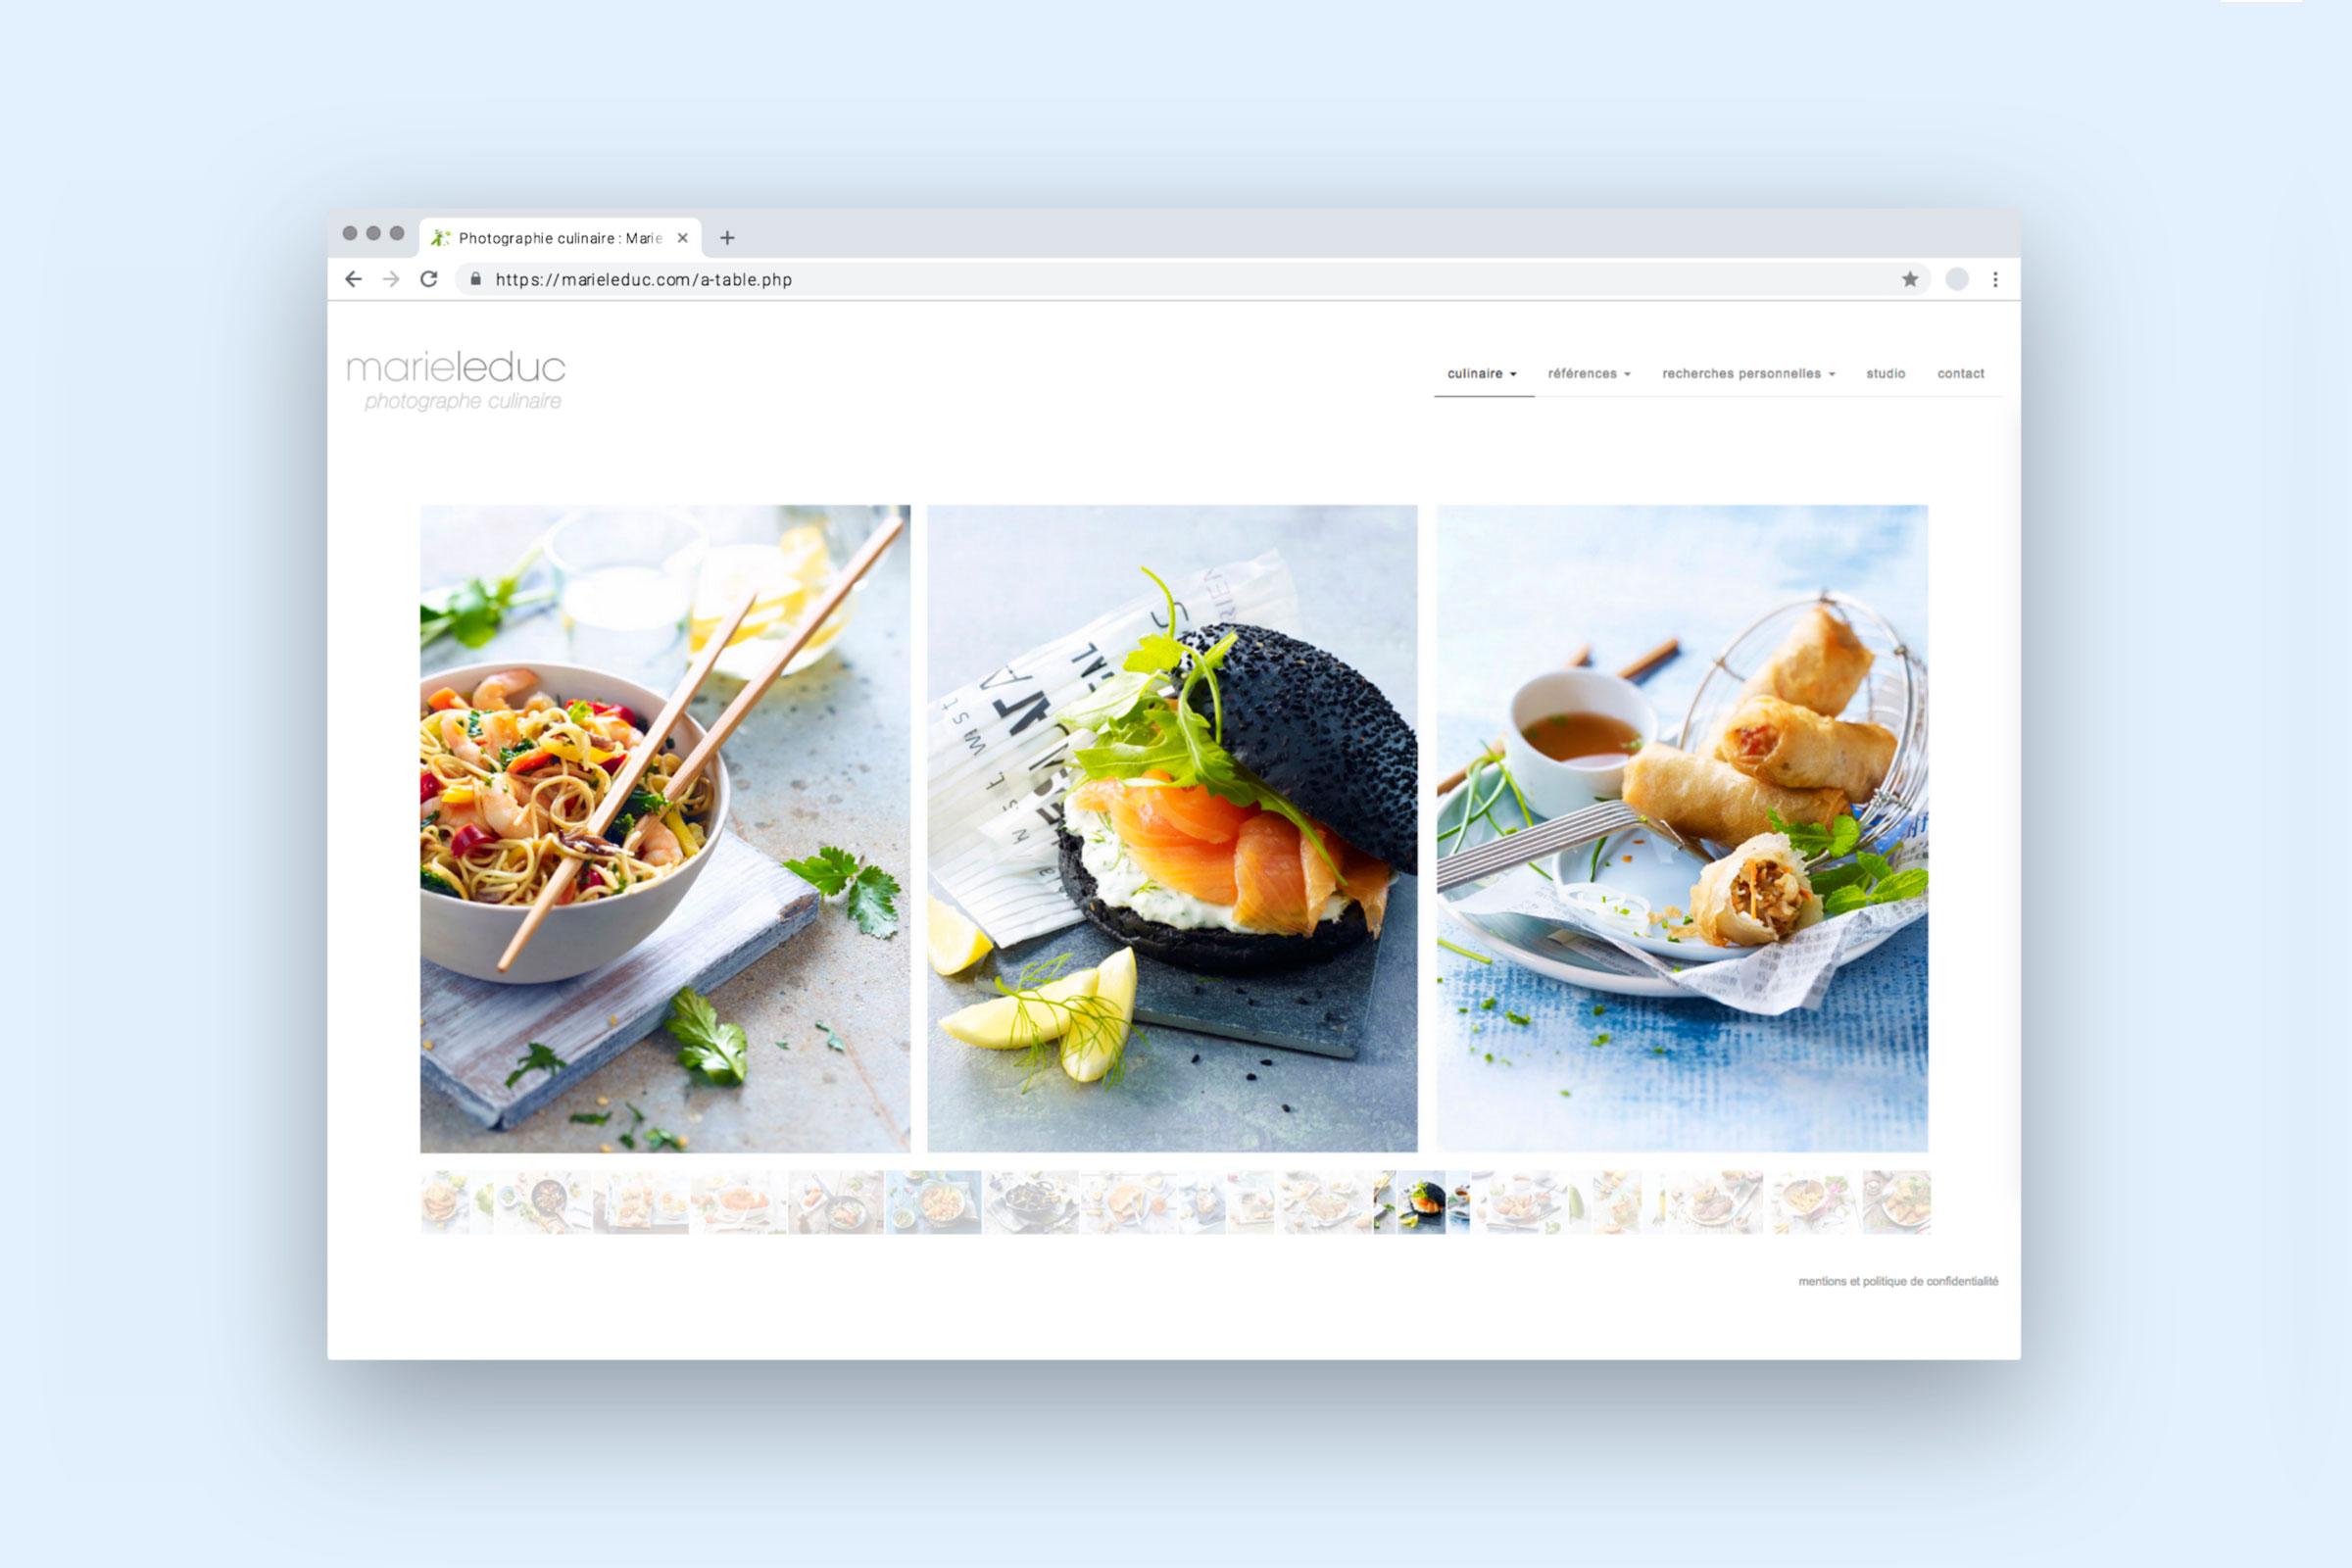 Kulinarische Kreationen von Marie Leduc fotografiert - Webdesign Stéphanie Boisset